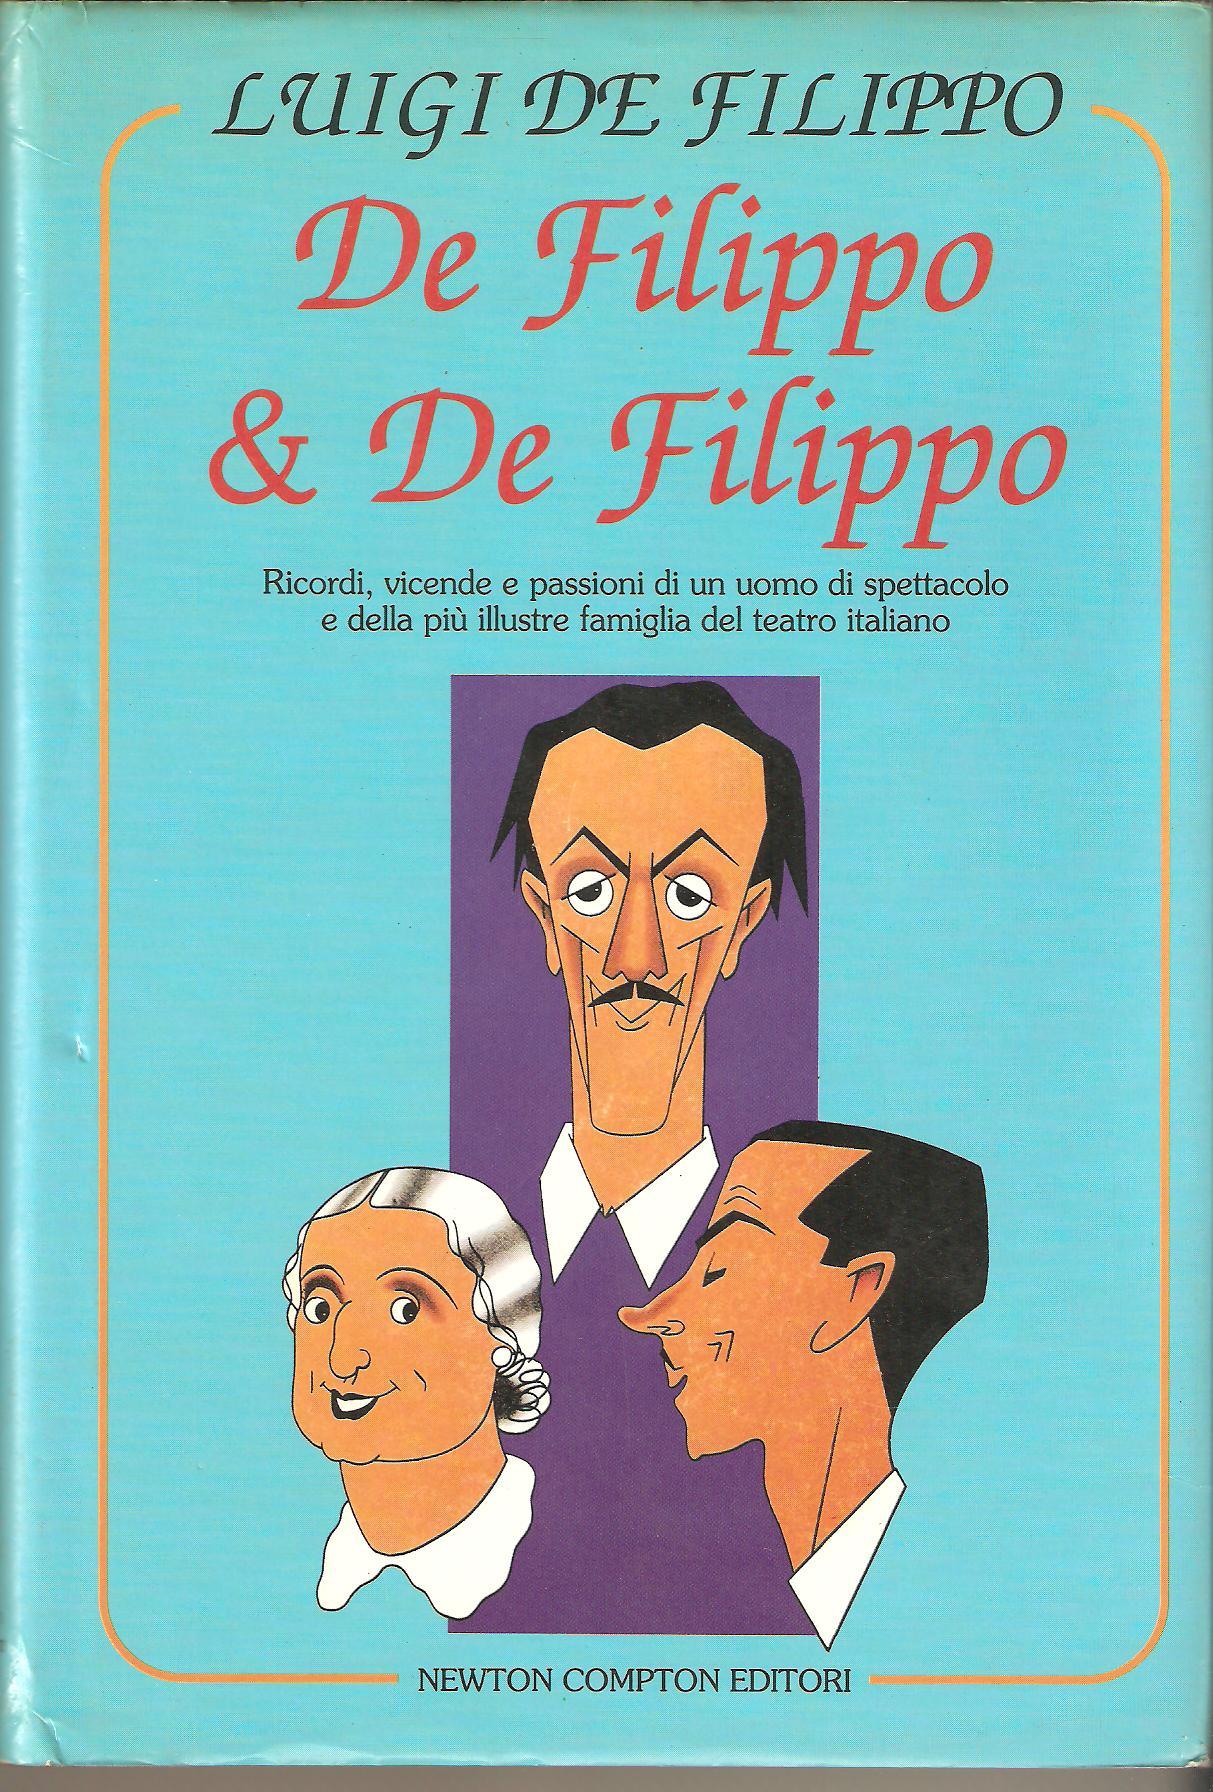 De Filippo & De Filippo